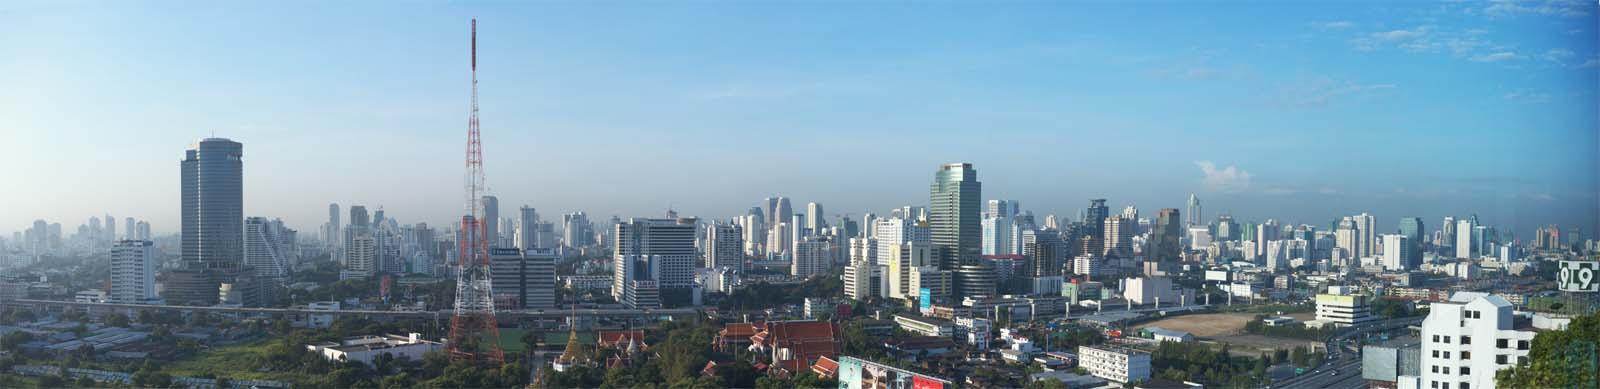 写真,素材,無料,フリー,フォト,クリエイティブ・コモンズ,風景,壁紙,バンコクの朝, ビル, ビルディング, 高速道路, バンコク